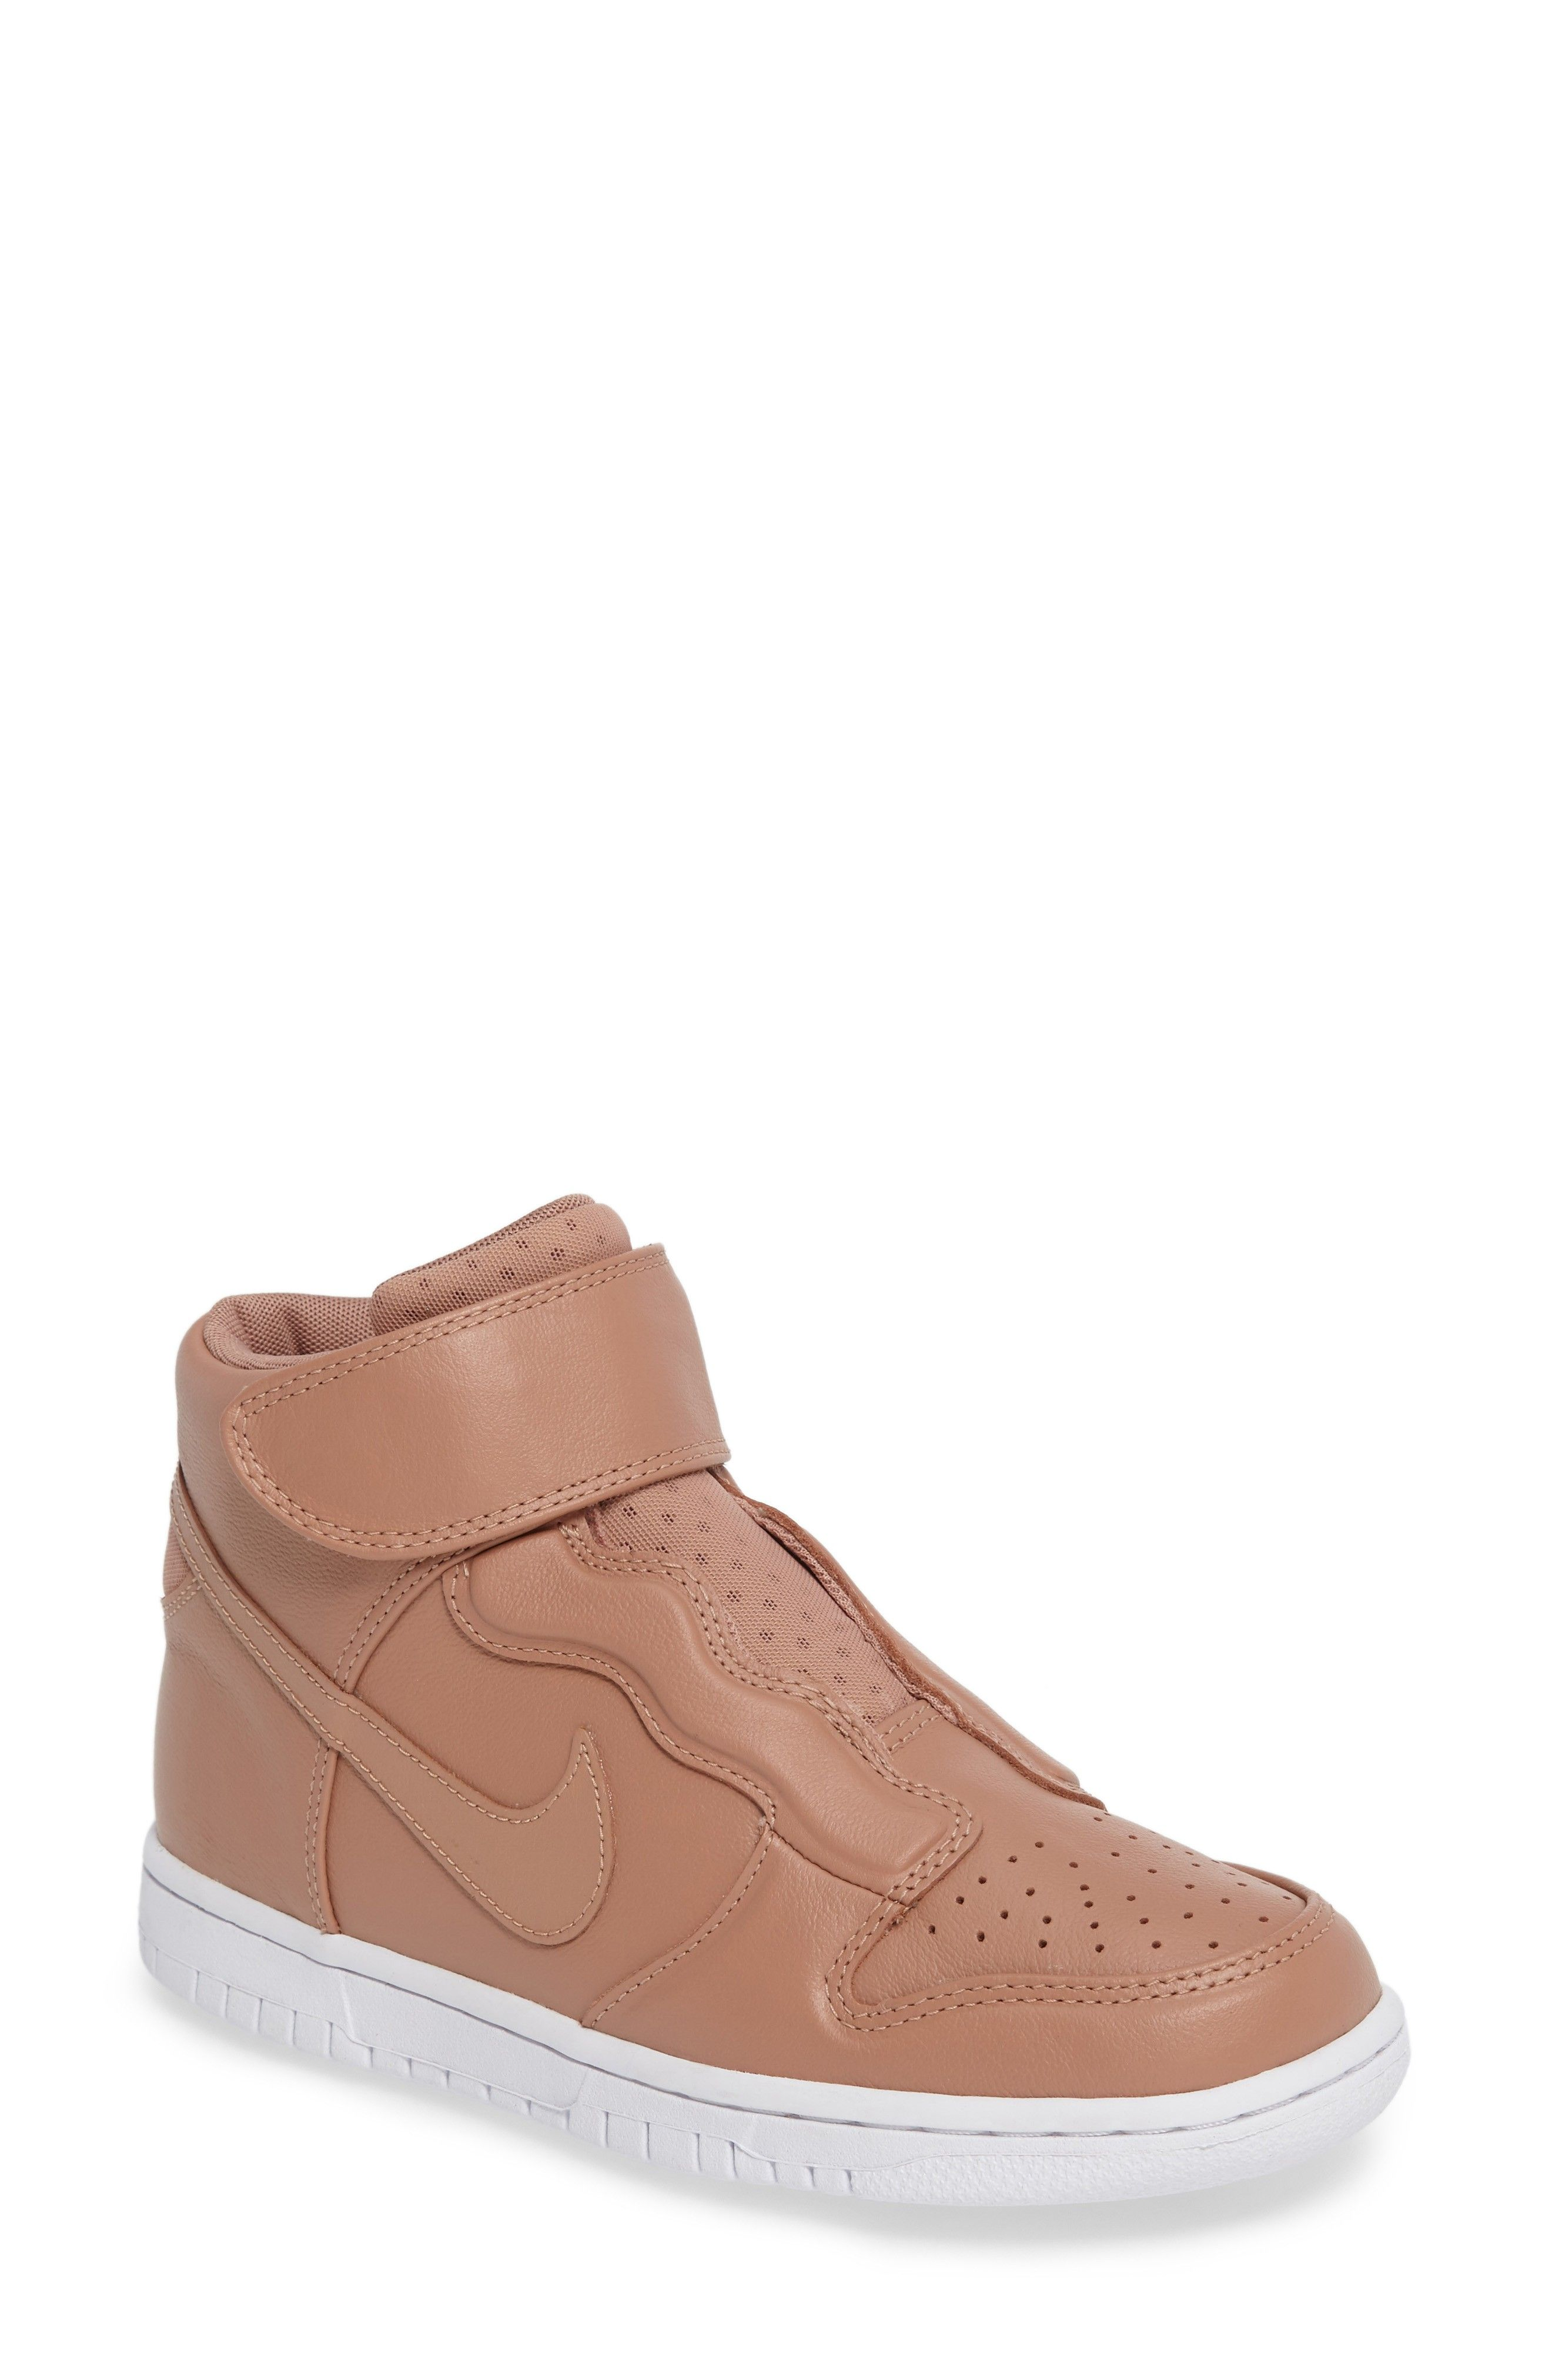 NIKE | Dunk Hi Ease Sneaker #Shoes #Sneaker #NIKE · Women's ...